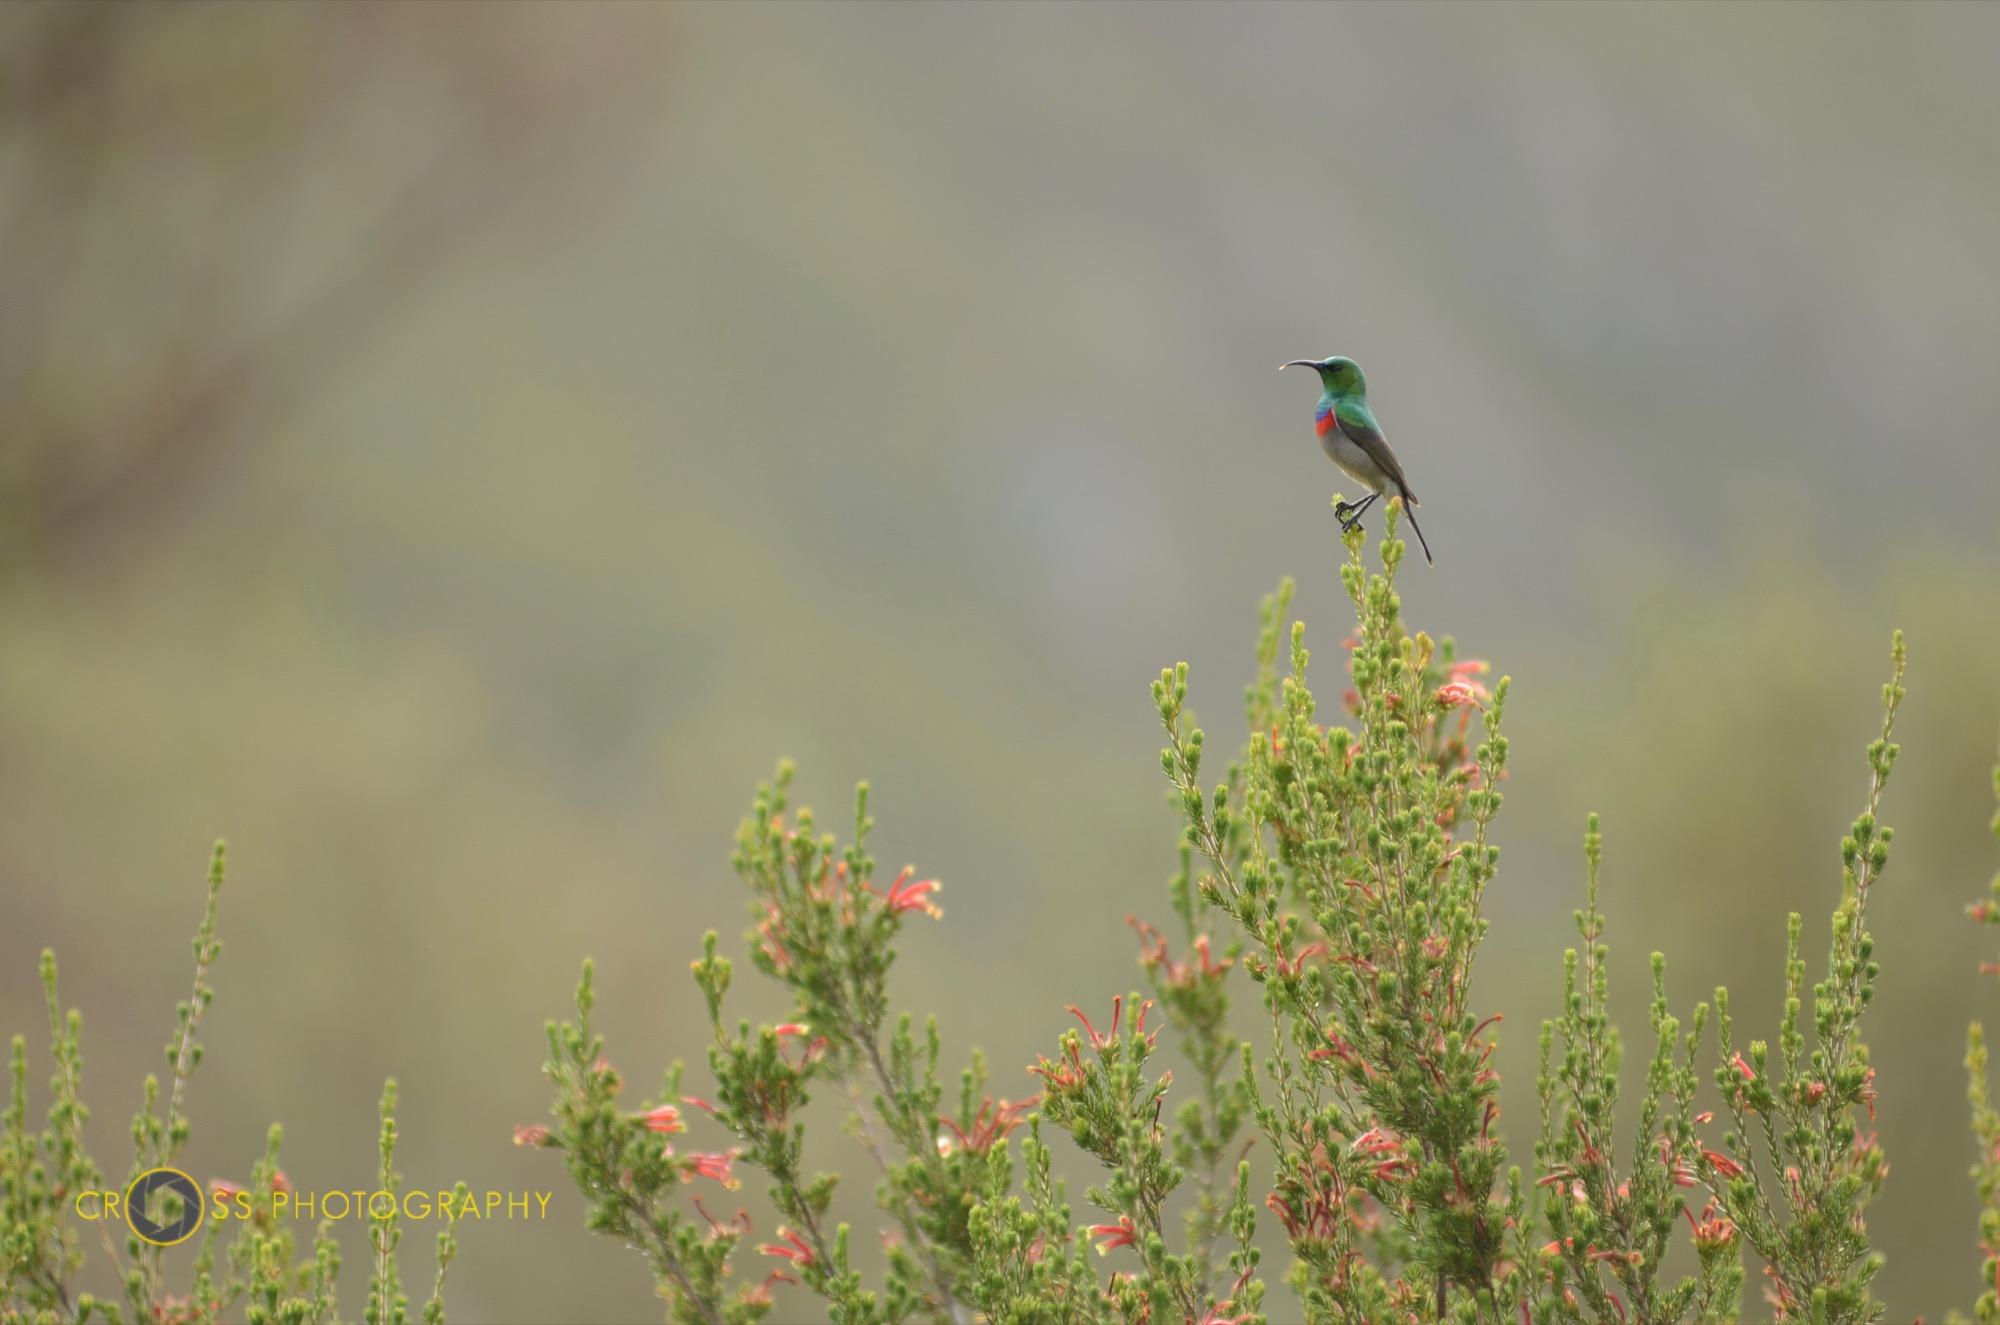 Wer kennt diesen Vogelart?